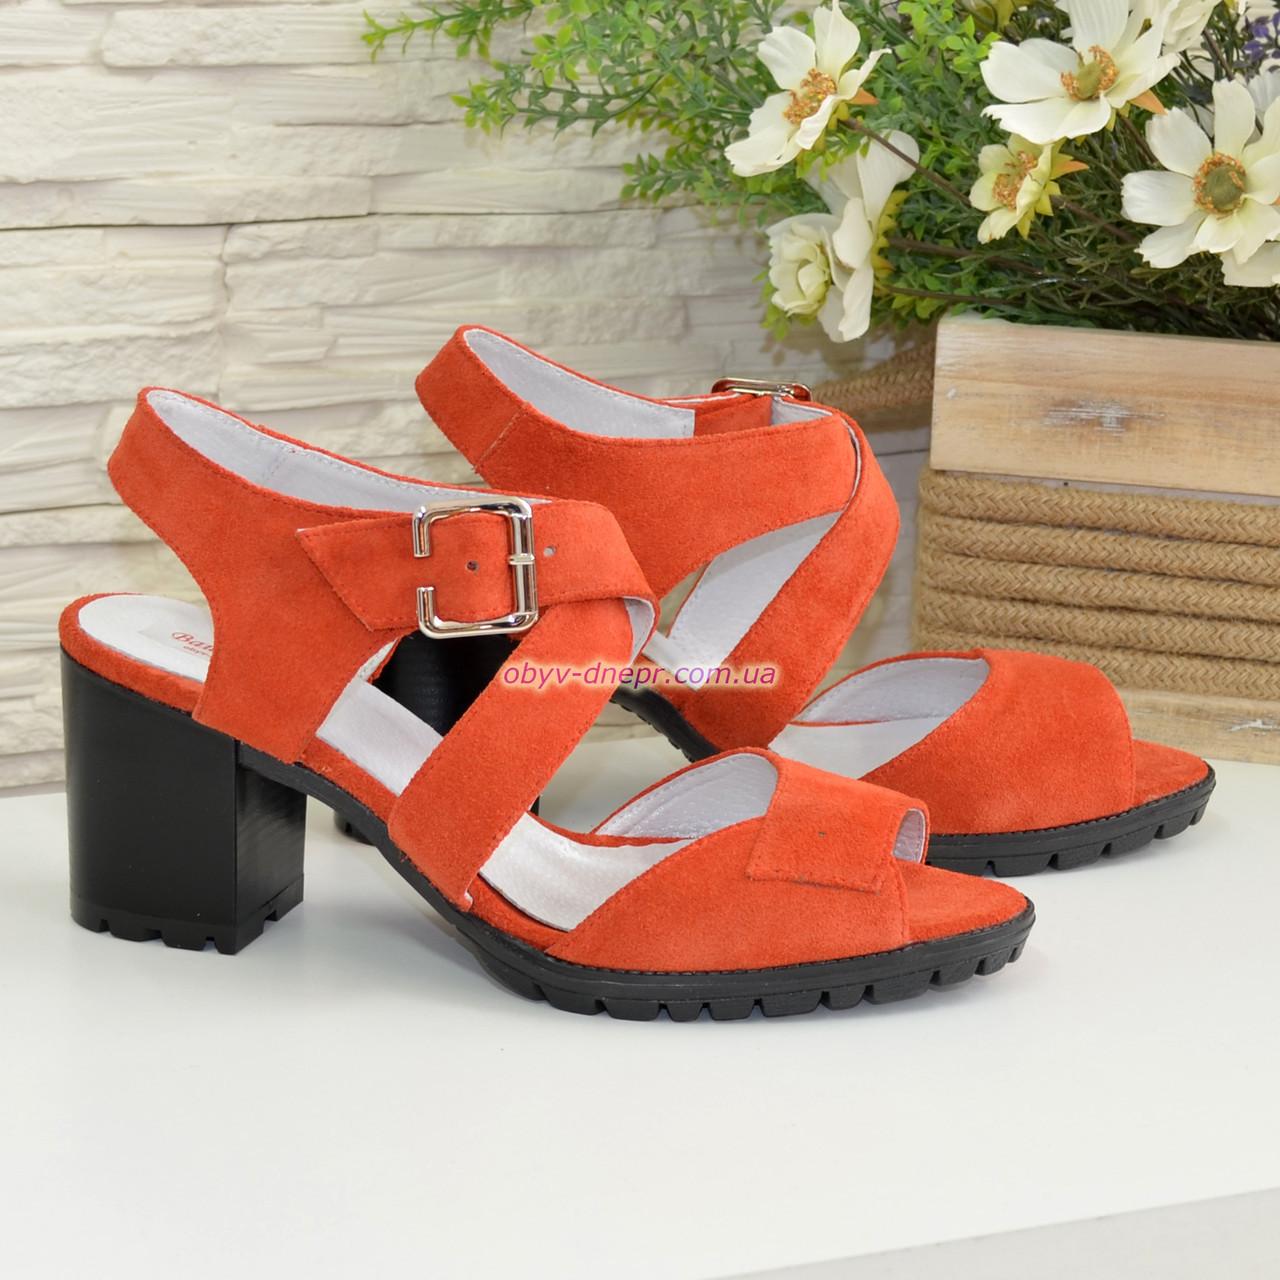 Женские замшевые босоножки на устойчивом каблуке, цвет оранжевый